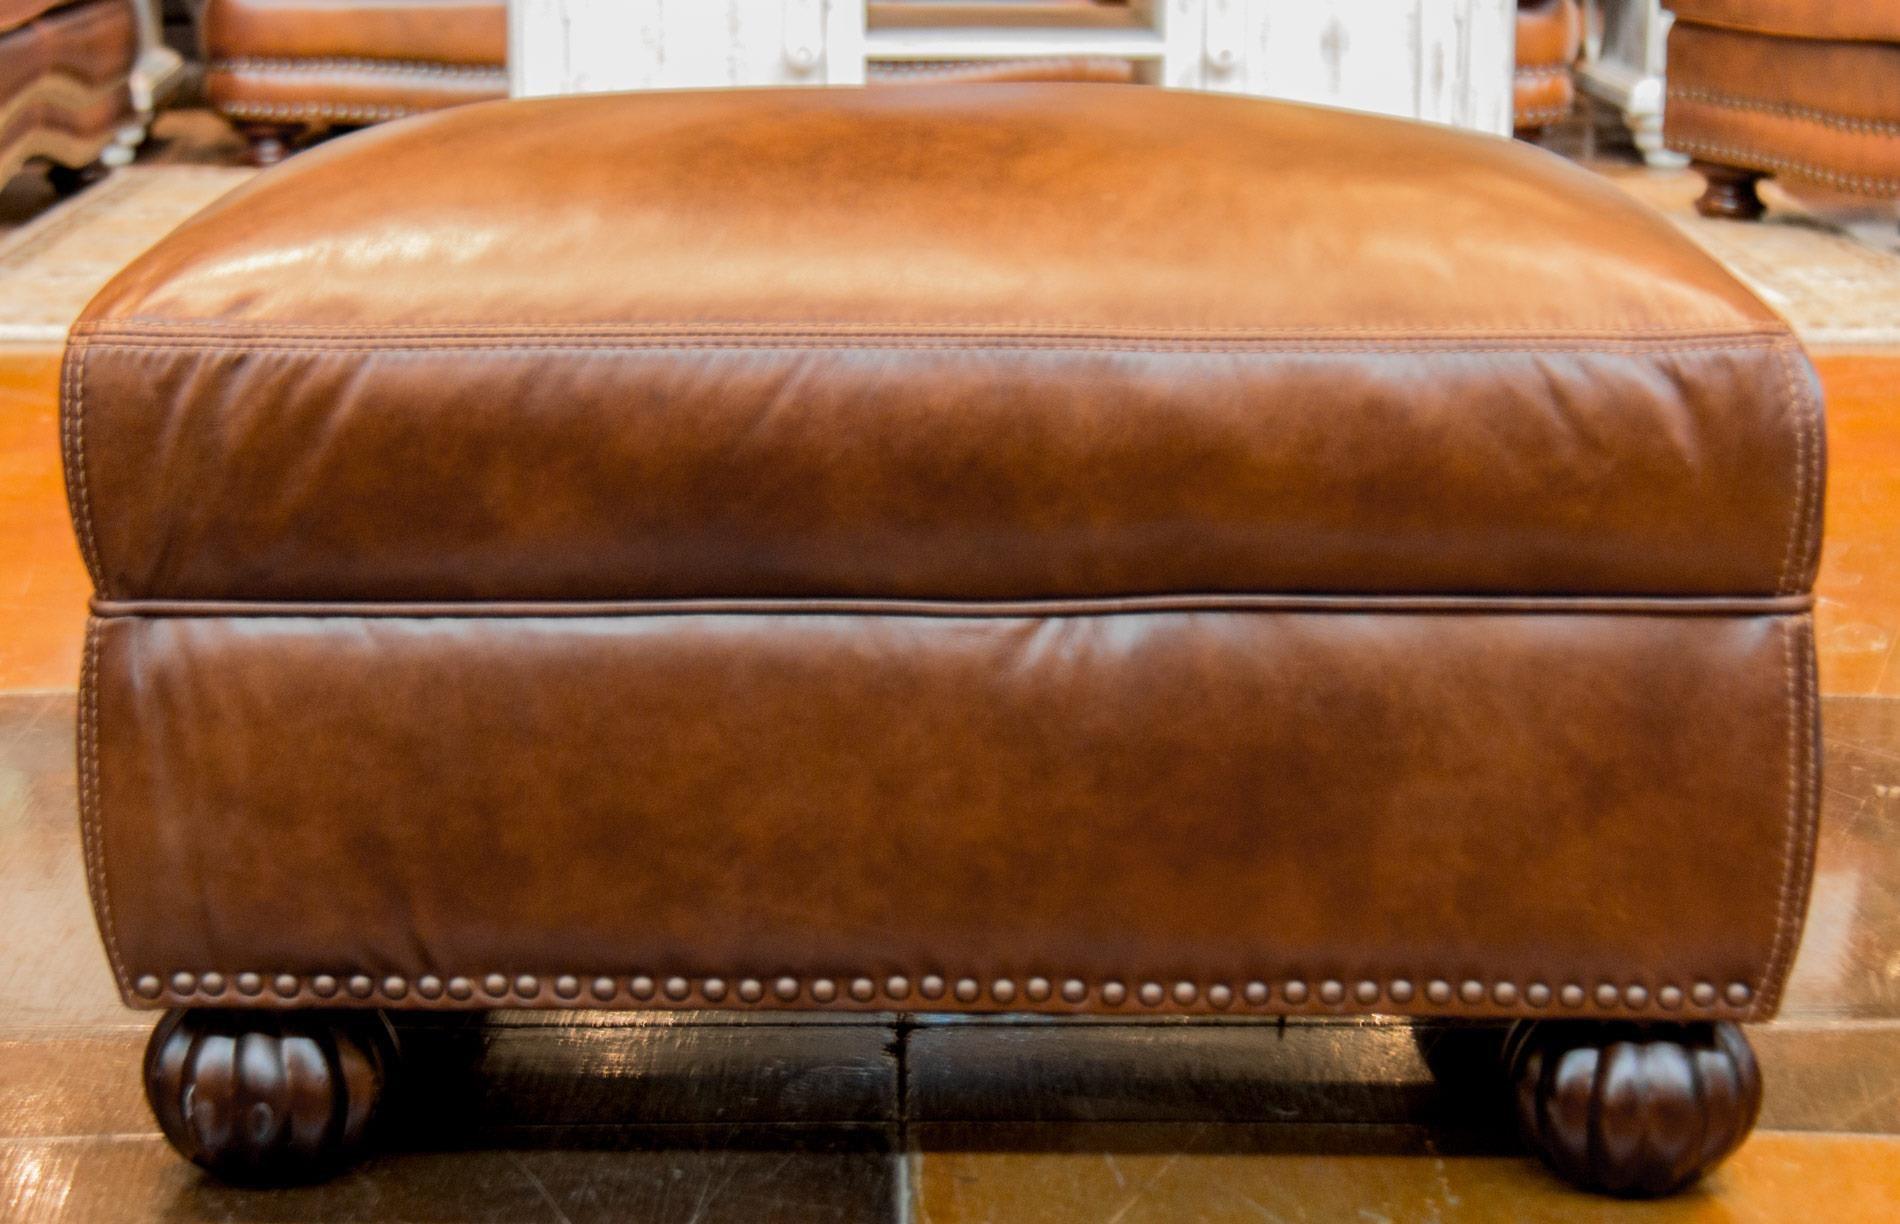 Exceptional Simon Li Saint JamesTobacco Leather Ottoman